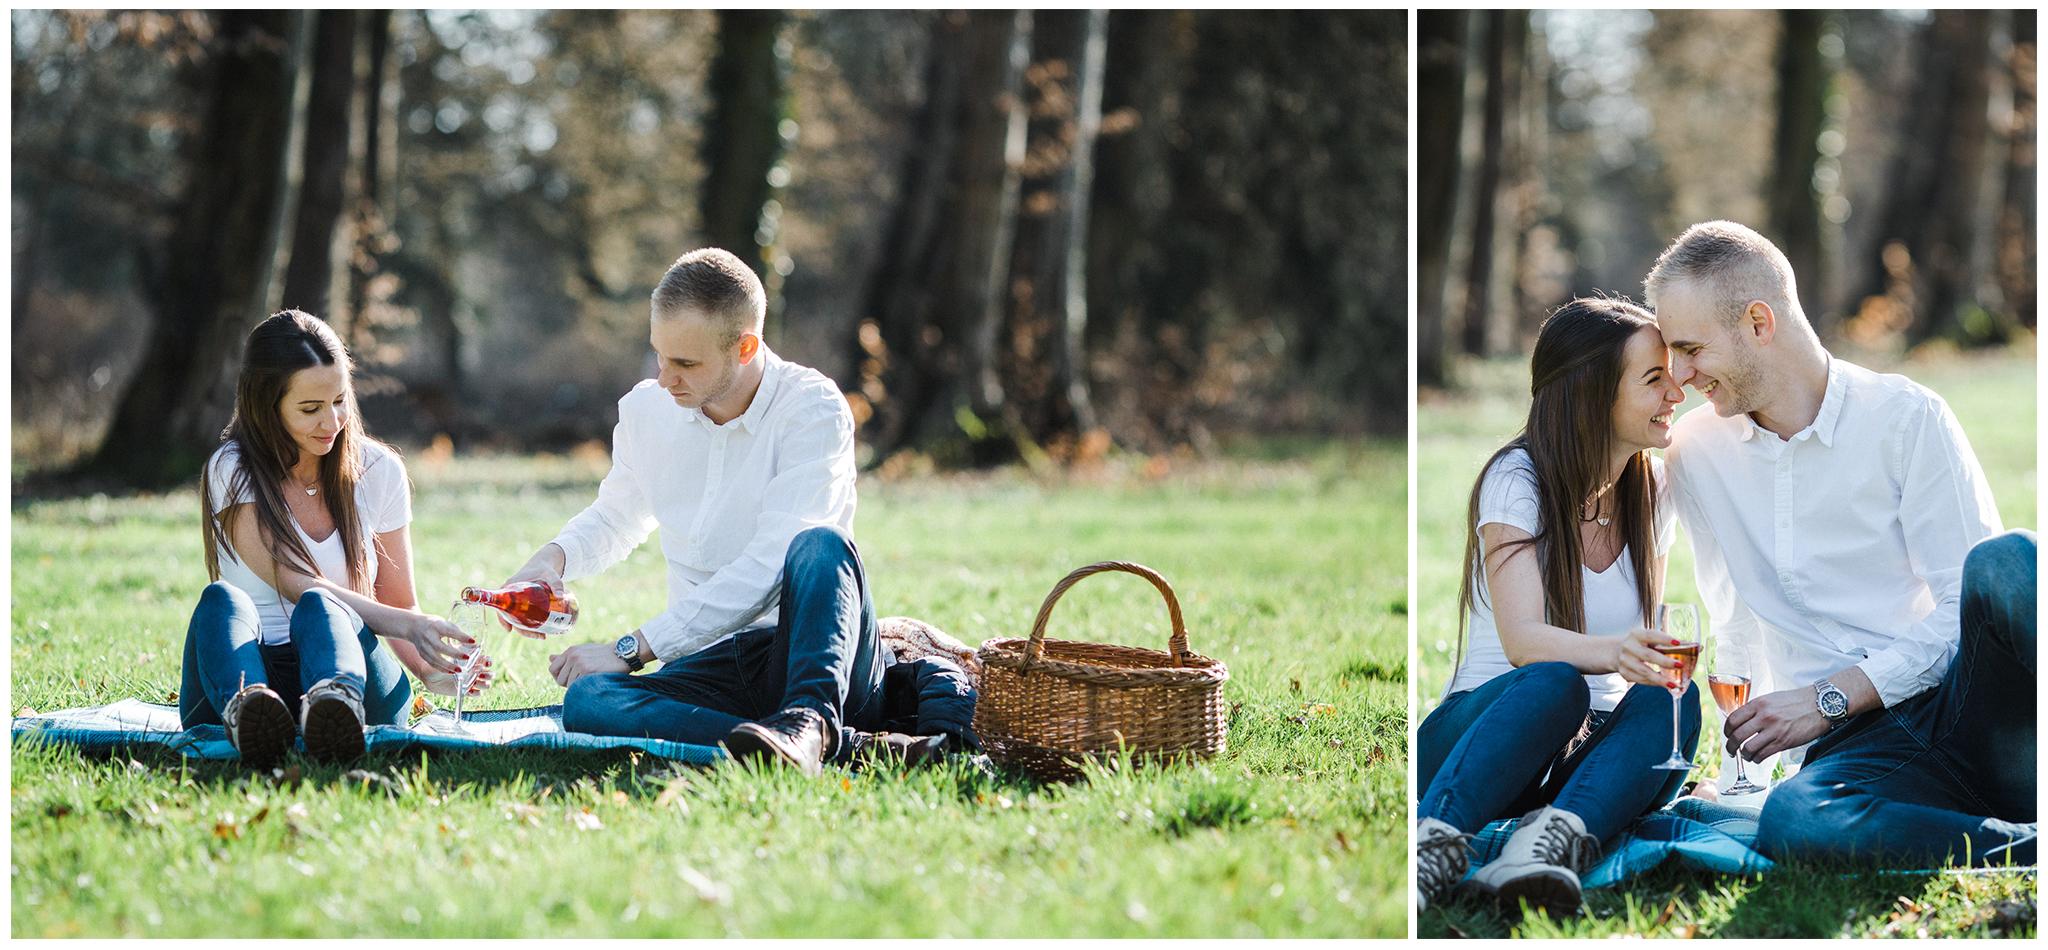 MONT_FylepPhoto, Esküvőfotós Vasmegye, Esküvő fotózás, Esküvői fotós, Körmend, Vas megye, Dunántúl, Budapest, Fülöp Péter, Jegyes fotózás, jegyesfotó_Réka&Peti,2018_011.jpg